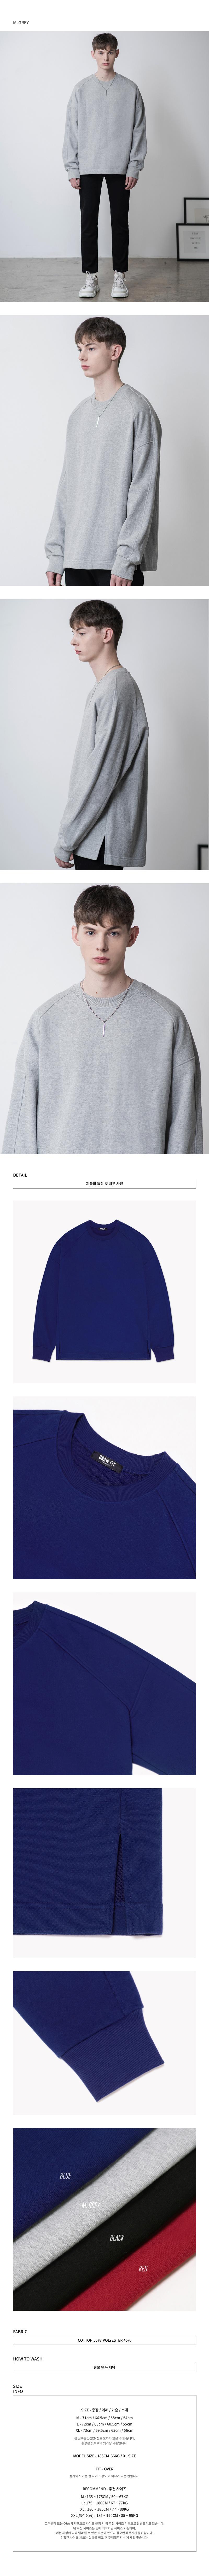 드로우핏(DRAW FIT) [리에디션] 에센셜 스웨트셔츠 [BLACK]